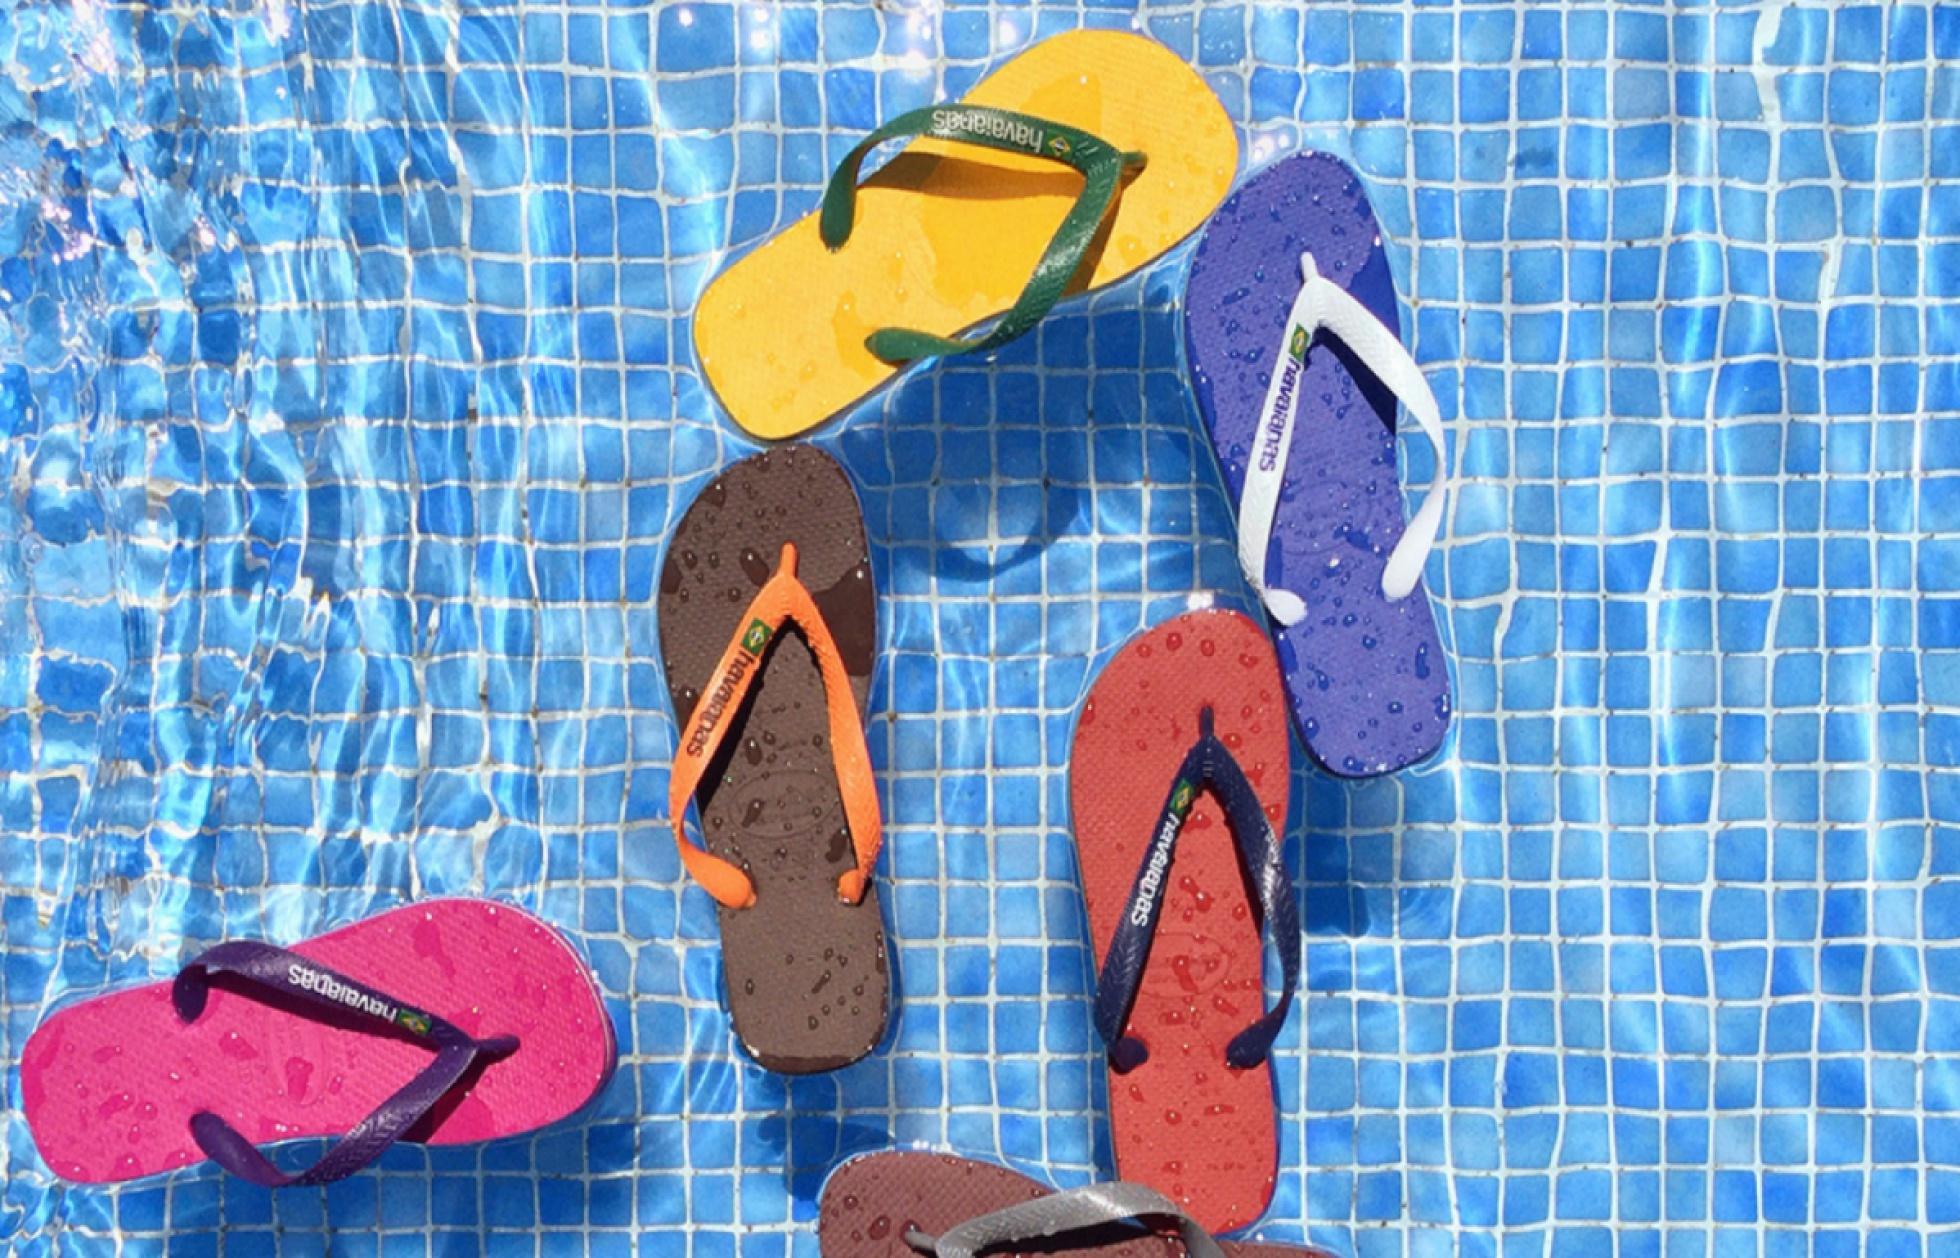 Chanclas Havaianas: un clásico del verano